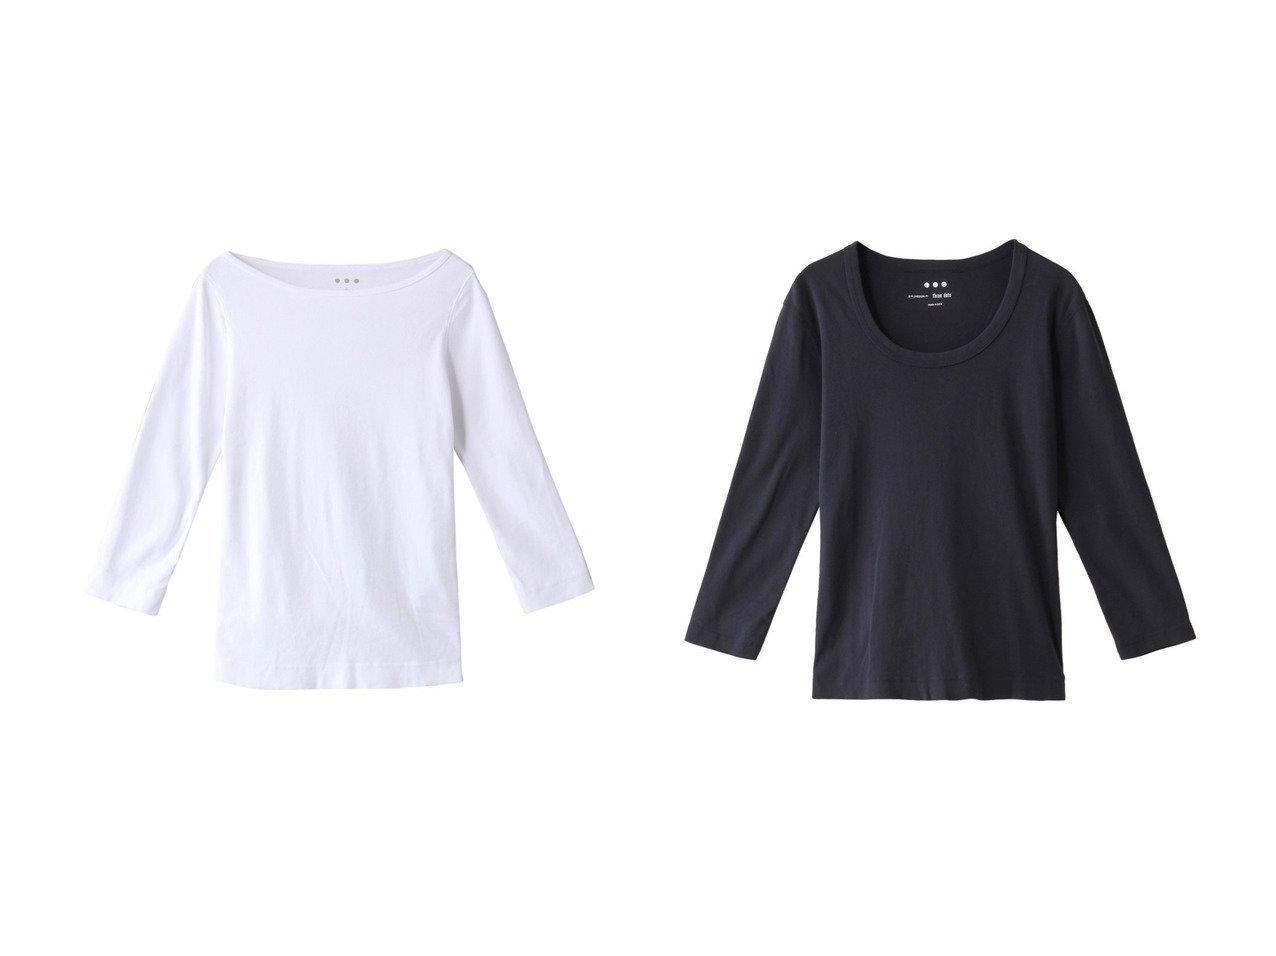 【three dots/スリー ドッツ】のTシャツ&コットンニット 【トップス・カットソー】おすすめ!人気、トレンド・レディースファッションの通販  おすすめで人気の流行・トレンド、ファッションの通販商品 メンズファッション・キッズファッション・インテリア・家具・レディースファッション・服の通販 founy(ファニー) https://founy.com/ ファッション Fashion レディースファッション WOMEN トップス・カットソー Tops/Tshirt ニット Knit Tops シャツ/ブラウス Shirts/Blouses ロング / Tシャツ T-Shirts カットソー Cut and Sewn プルオーバー Pullover 2021年 2021 2021春夏・S/S SS/Spring/Summer/2021 S/S・春夏 SS・Spring/Summer コンパクト シンプル スリーブ ベーシック ロング 春 Spring  ID:crp329100000028296